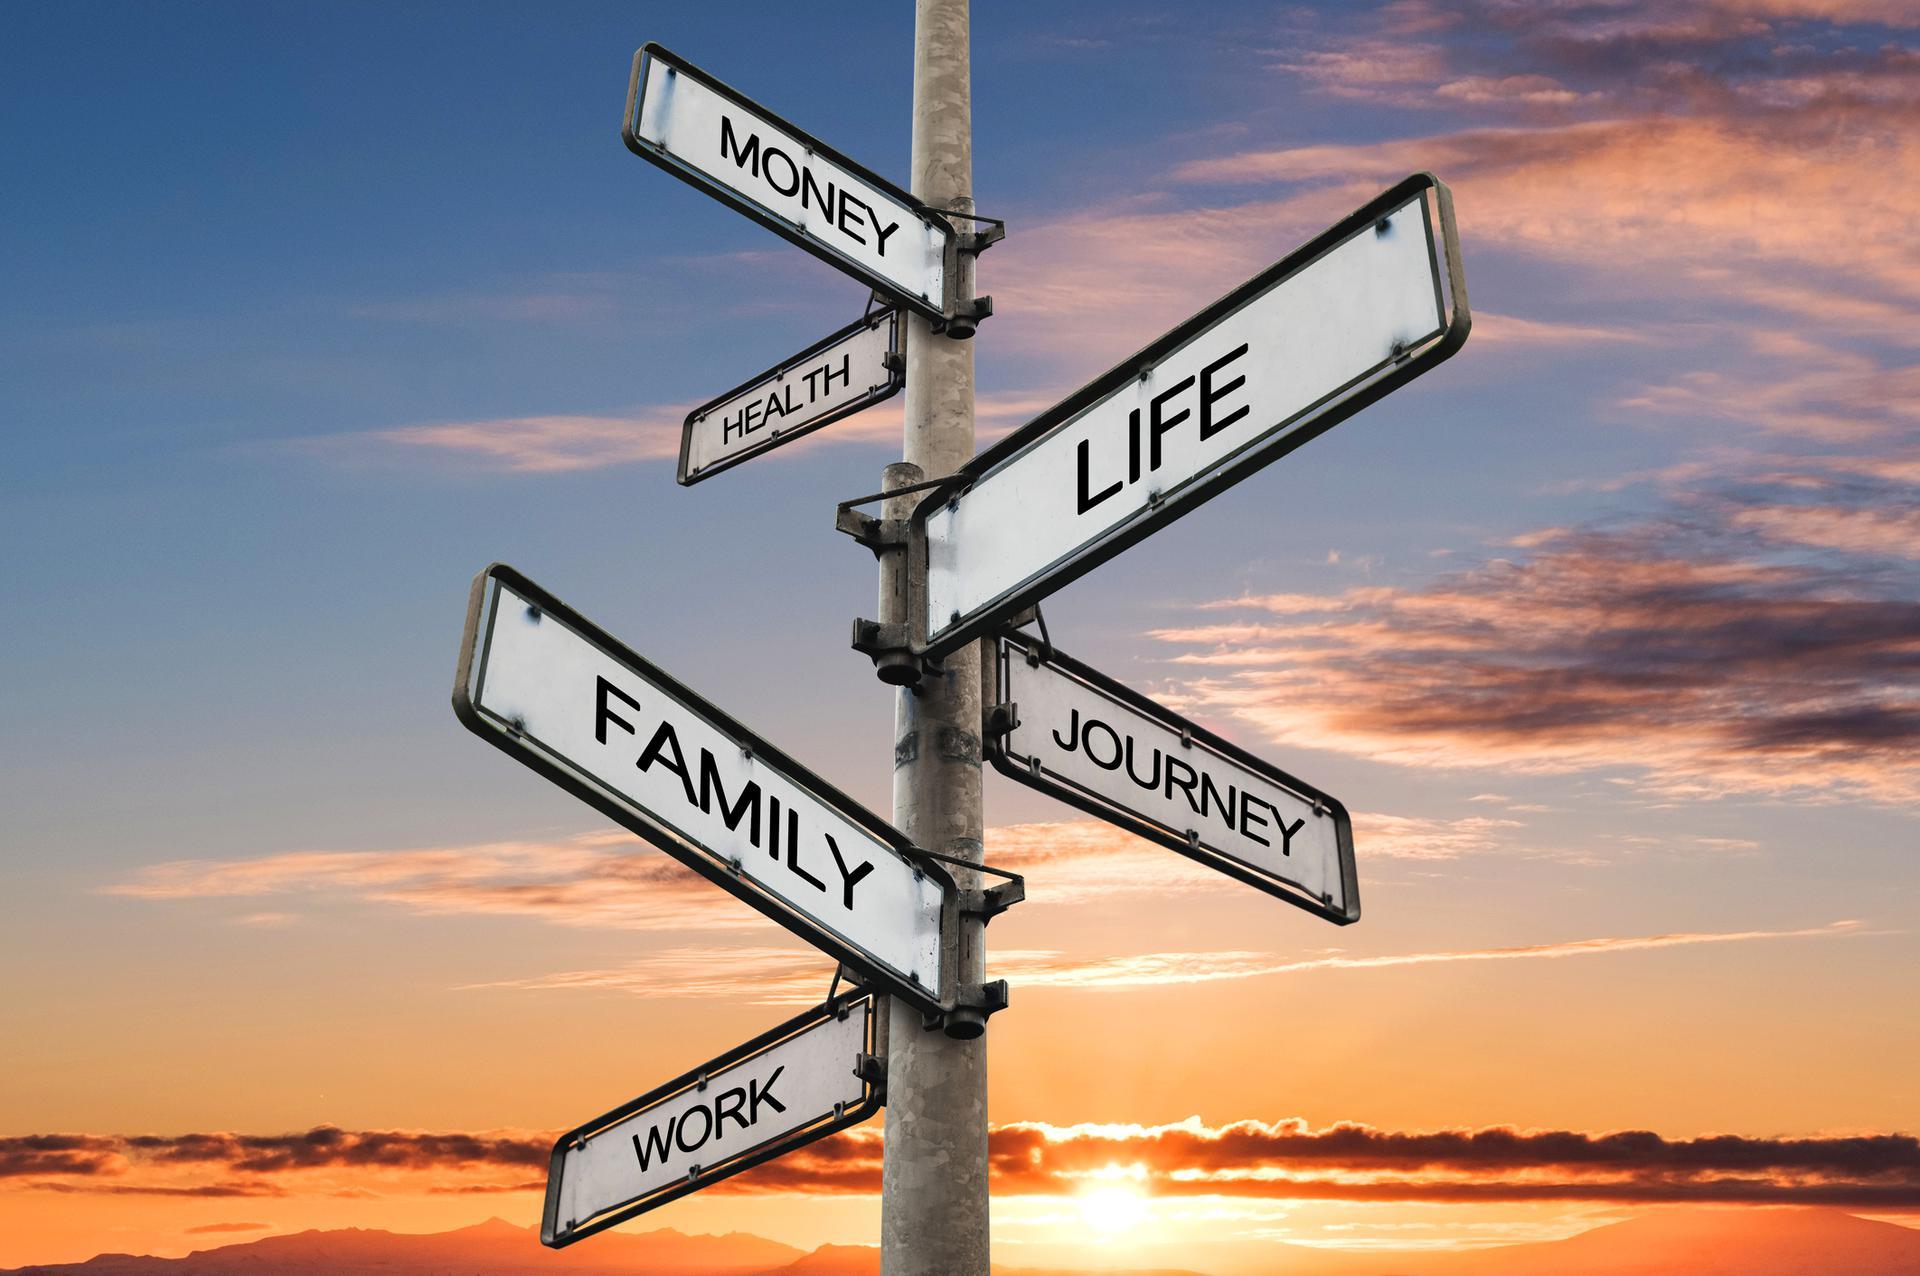 Cytaty O życiu 10 Mądrych Sentencji życiowych Mjakmamapl